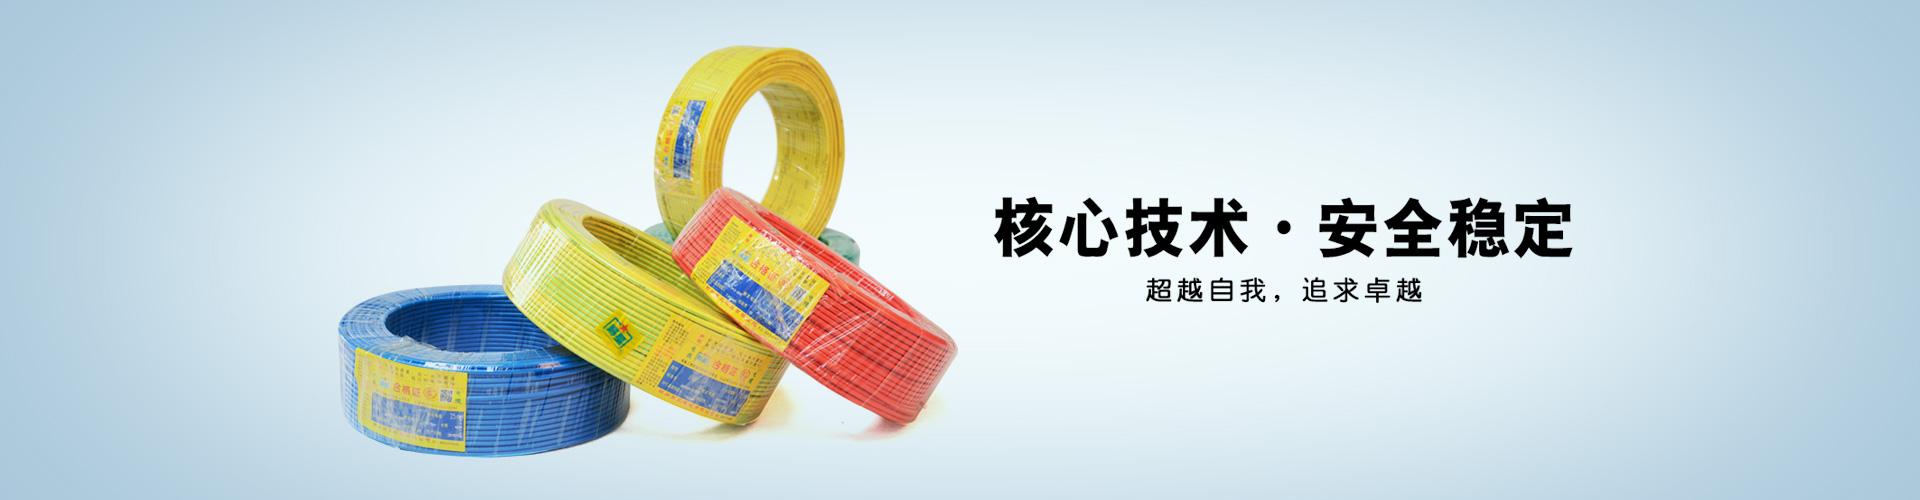 郑州第三电缆有限公司